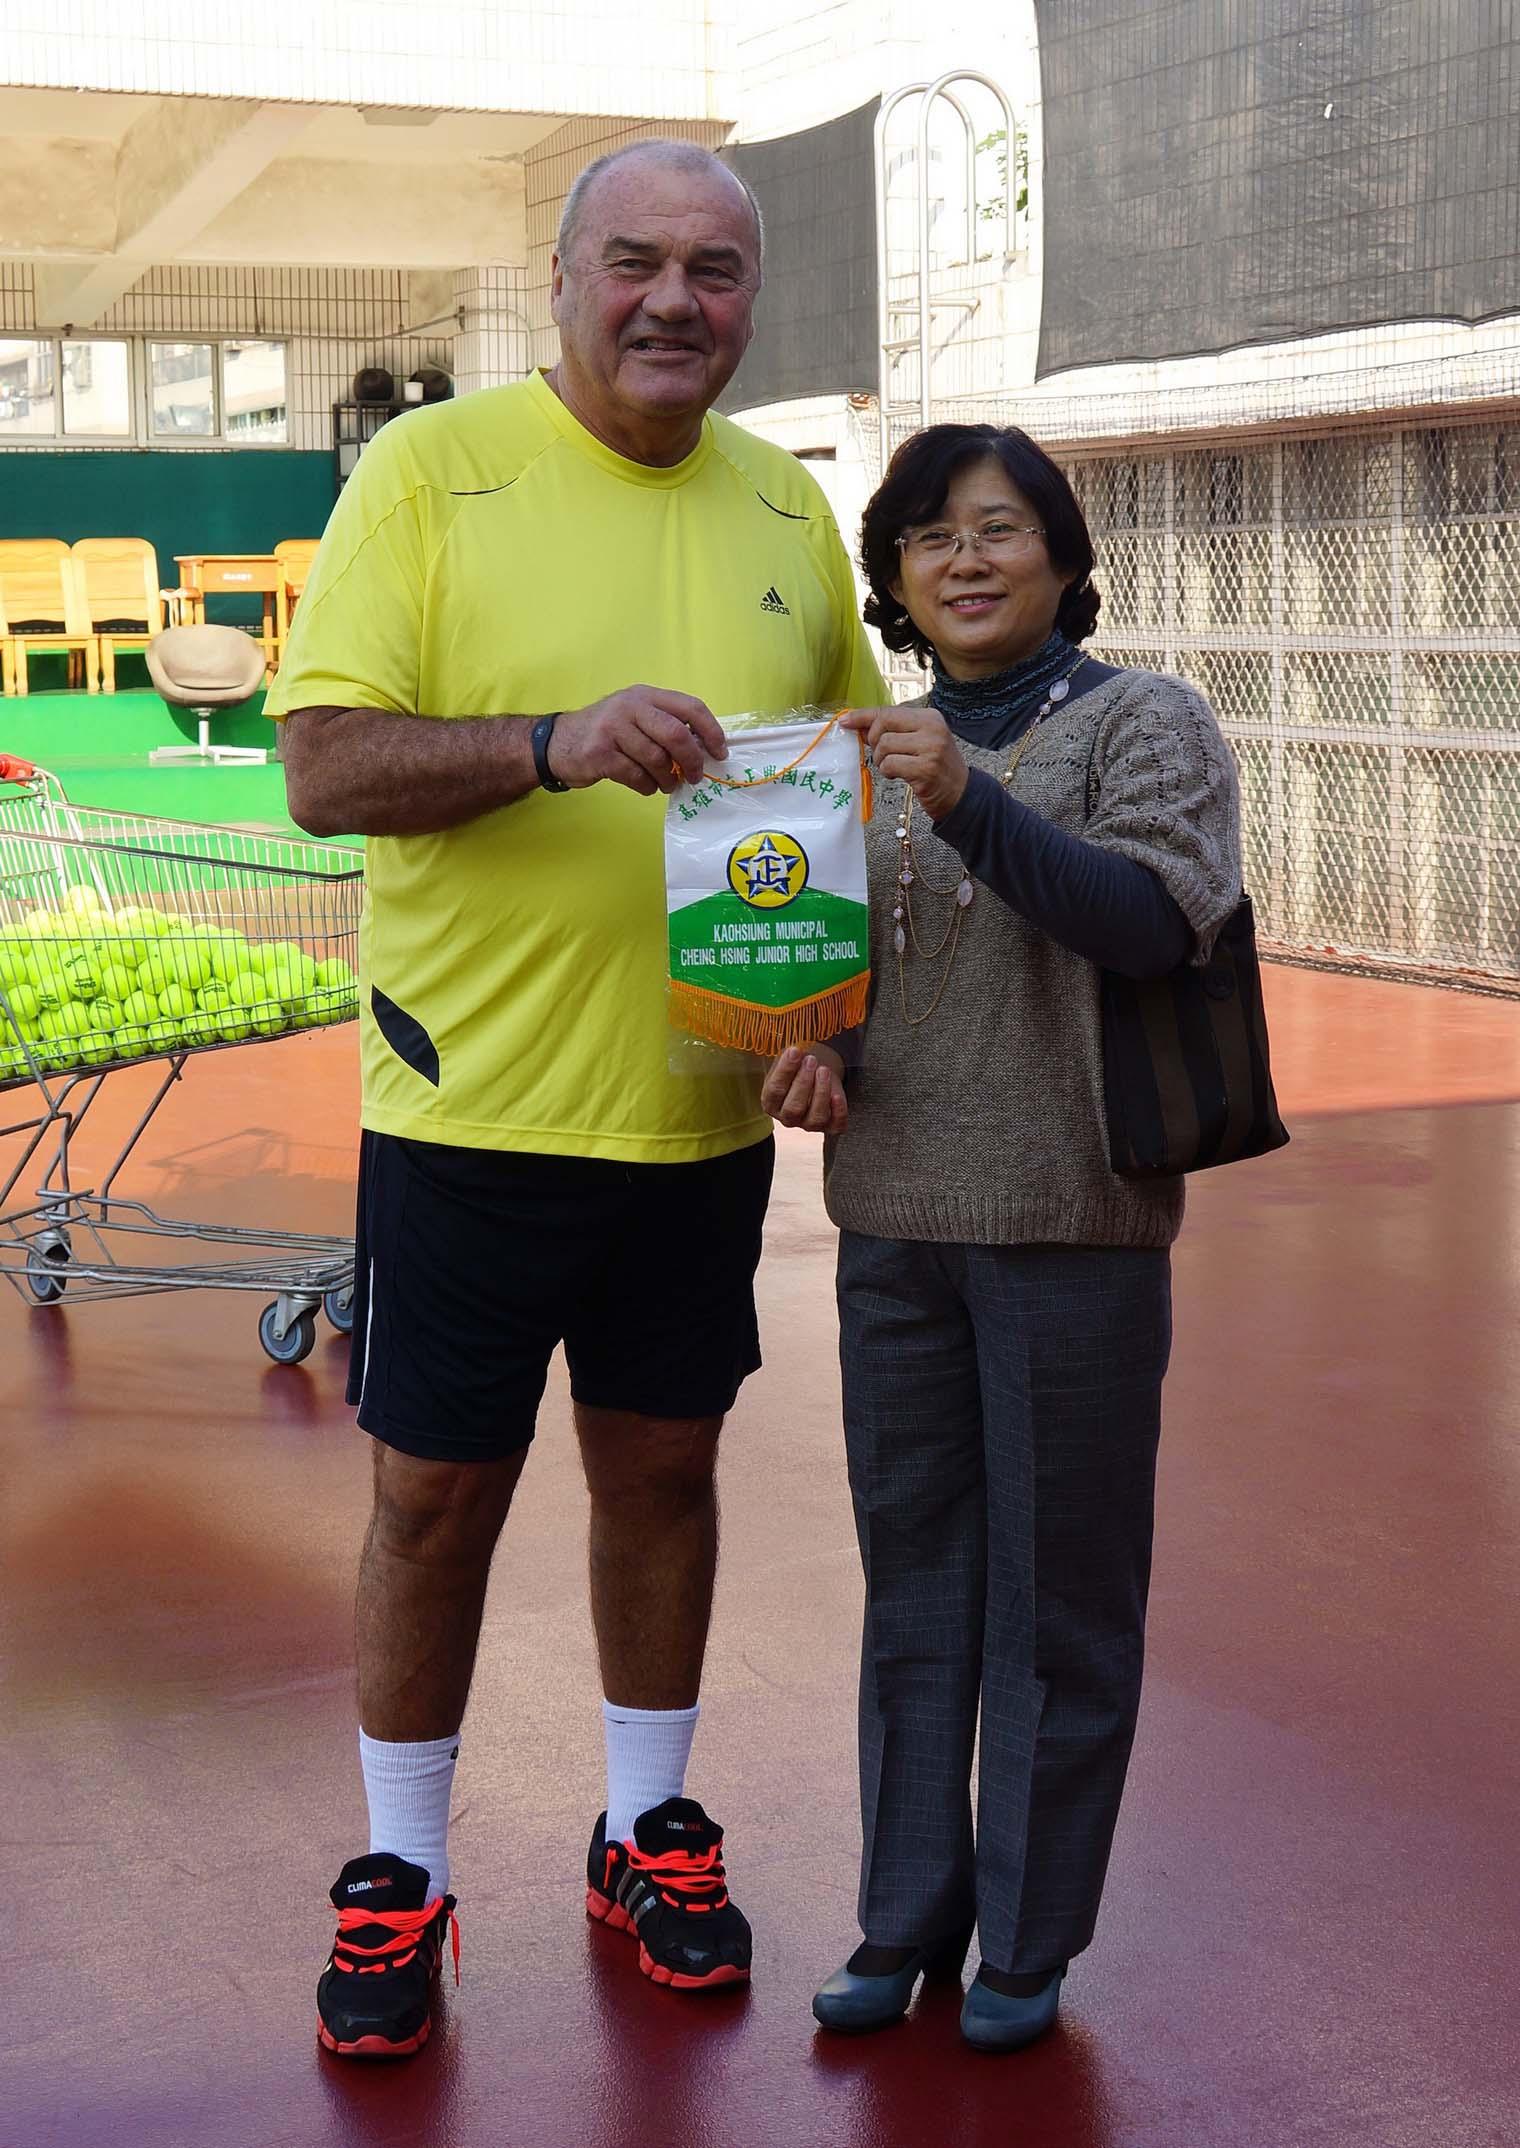 加拿大網球教父正興國中開講